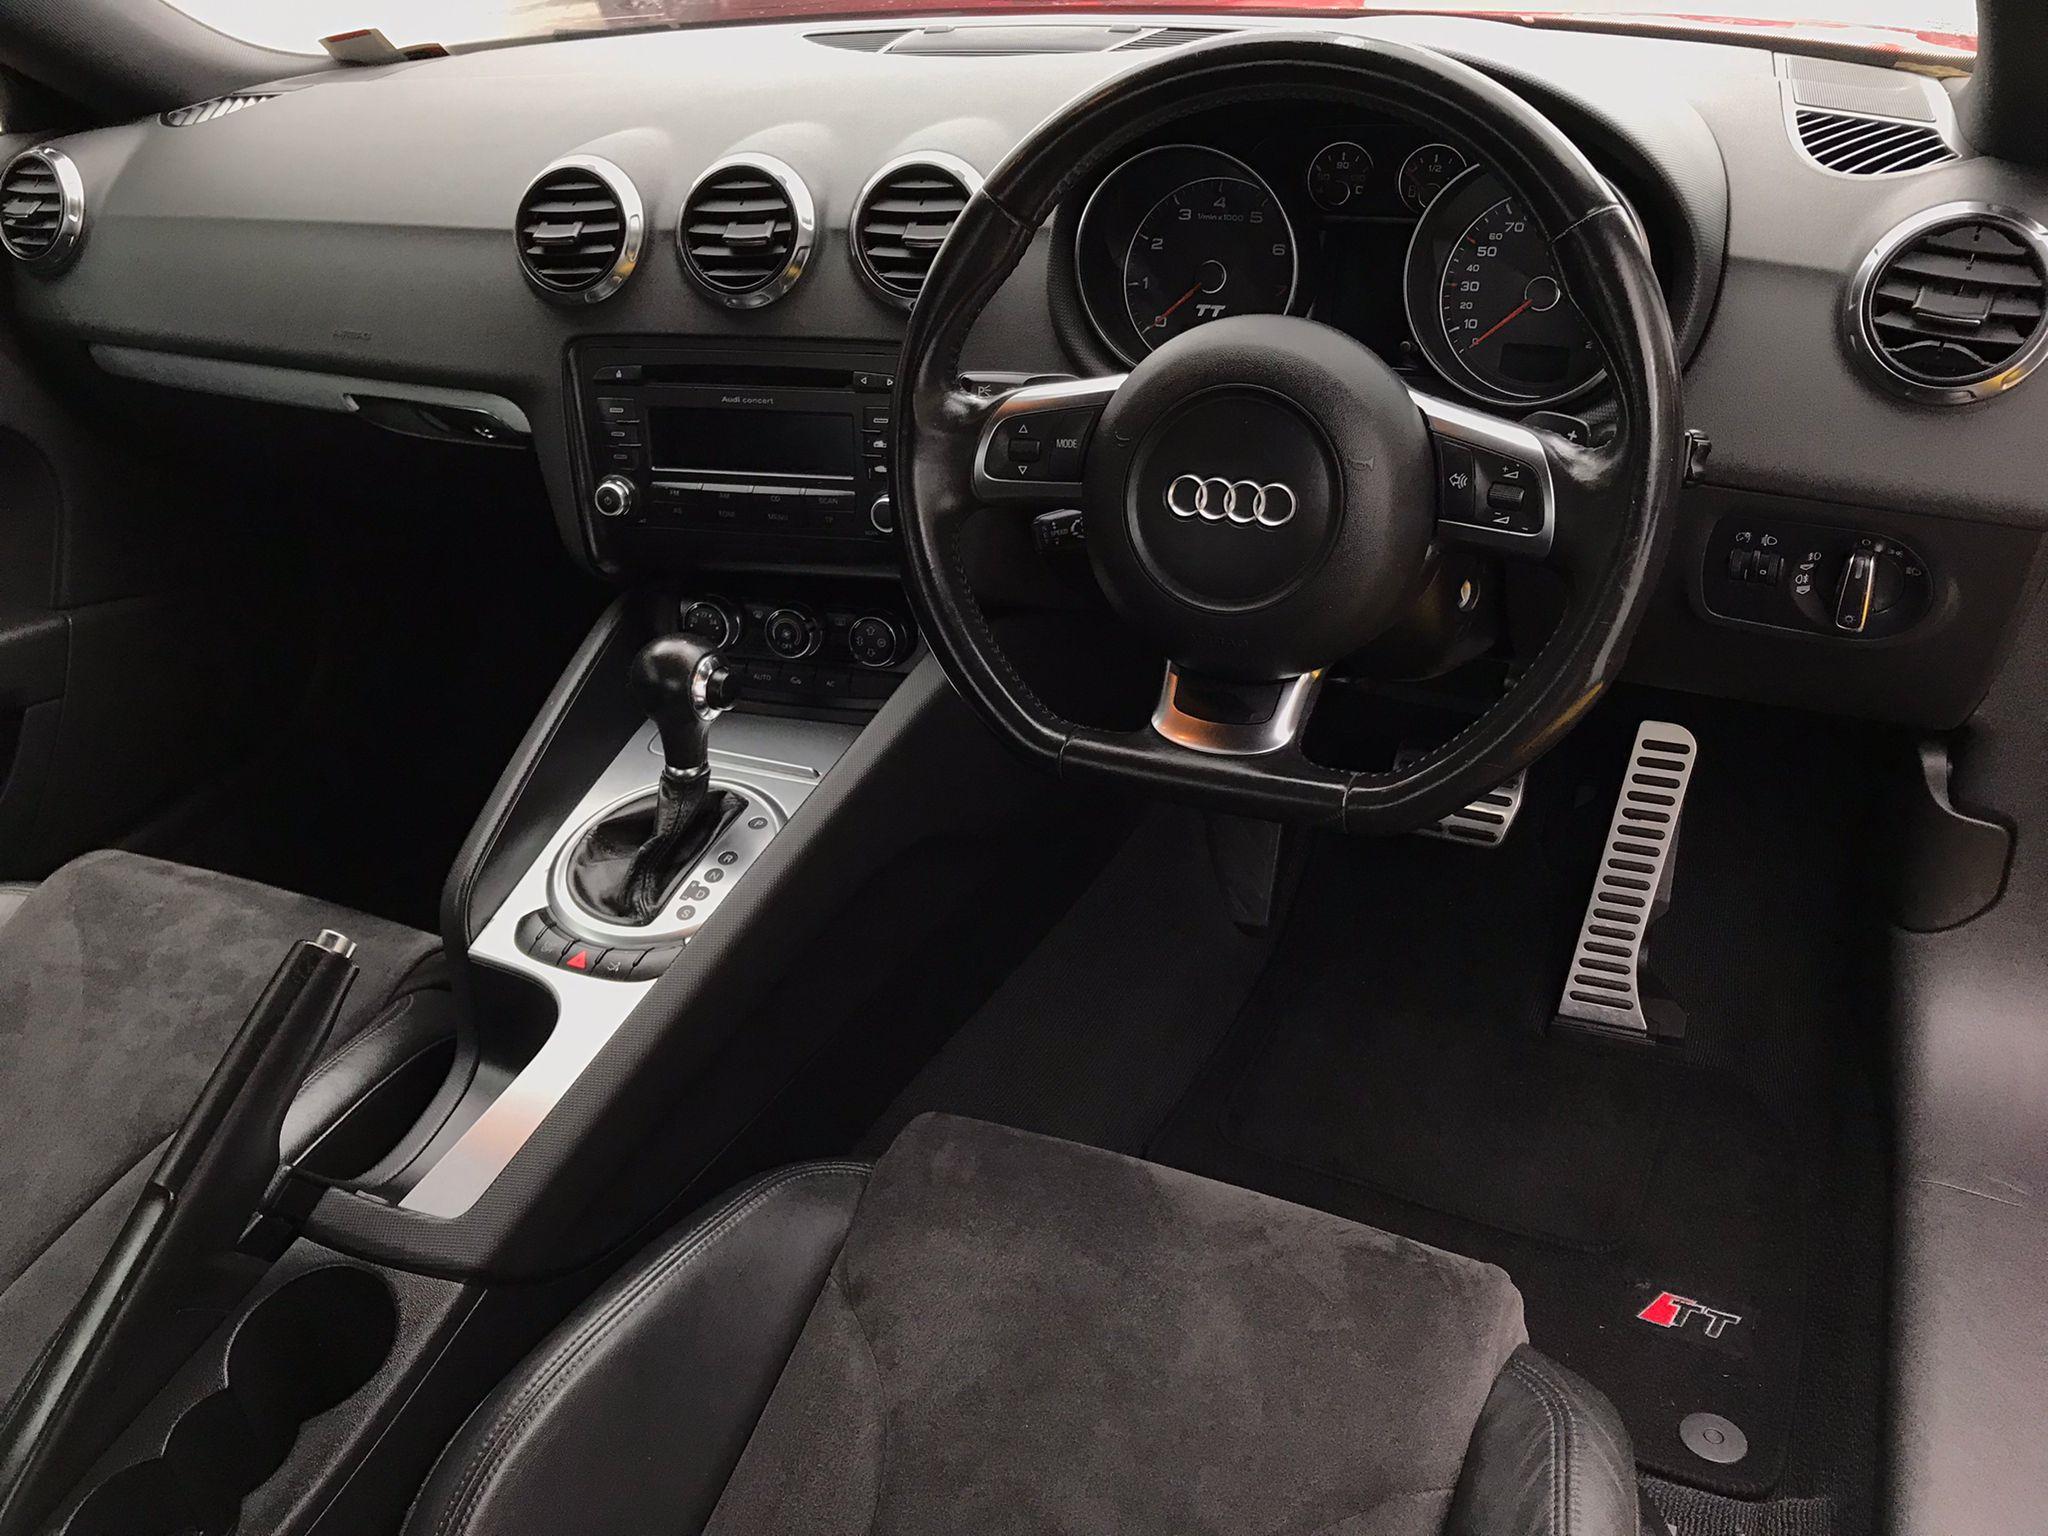 Audi TT Auto 2007